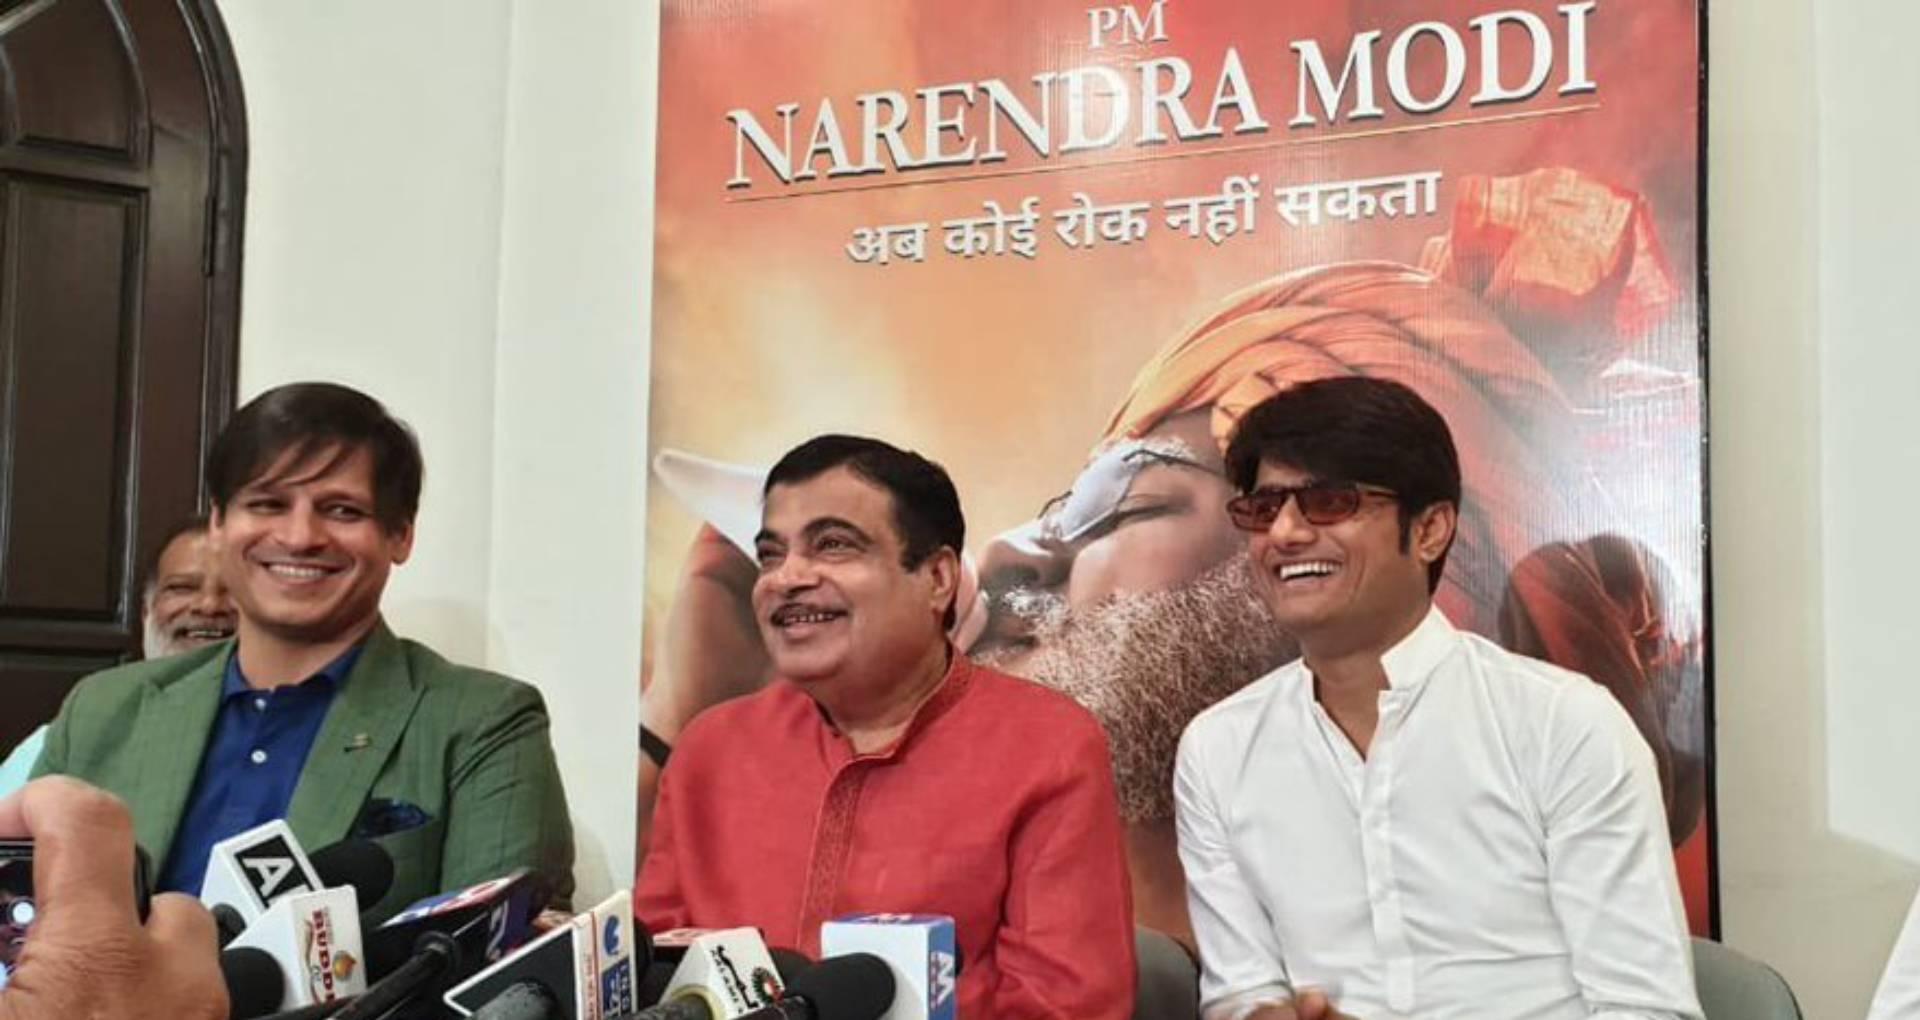 PM Narendra Modi Movie: नितिन गडकरी ने रिलीज किया नया पोस्टर, विवेक ओबेरॉय बोले- अब कोई रोक नहीं सकता!